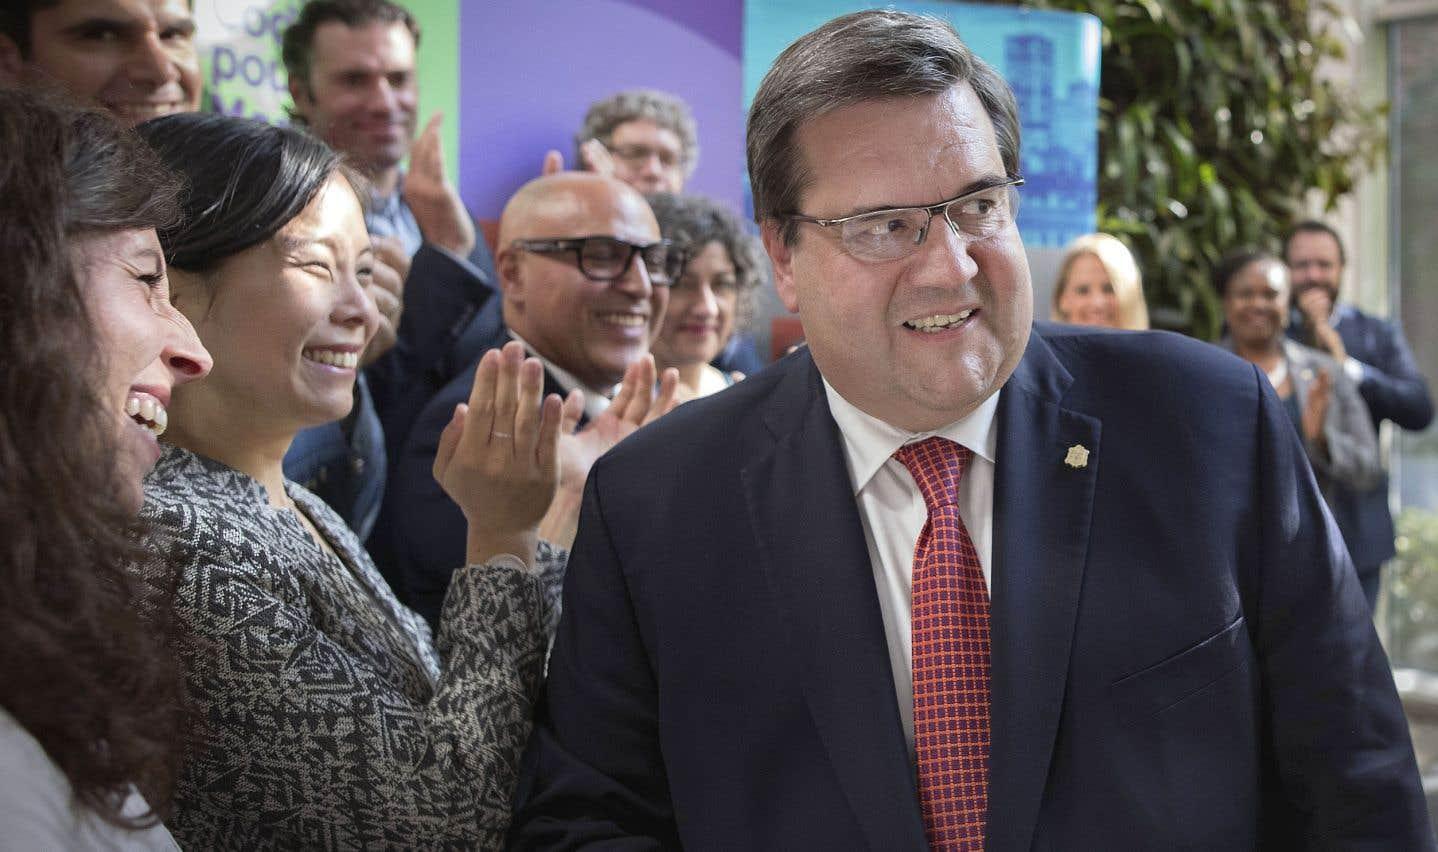 En présence de ses candidats et de ses militants, Denis Coderre a présenté lundi les nouveaux éléments de son programme électoral.